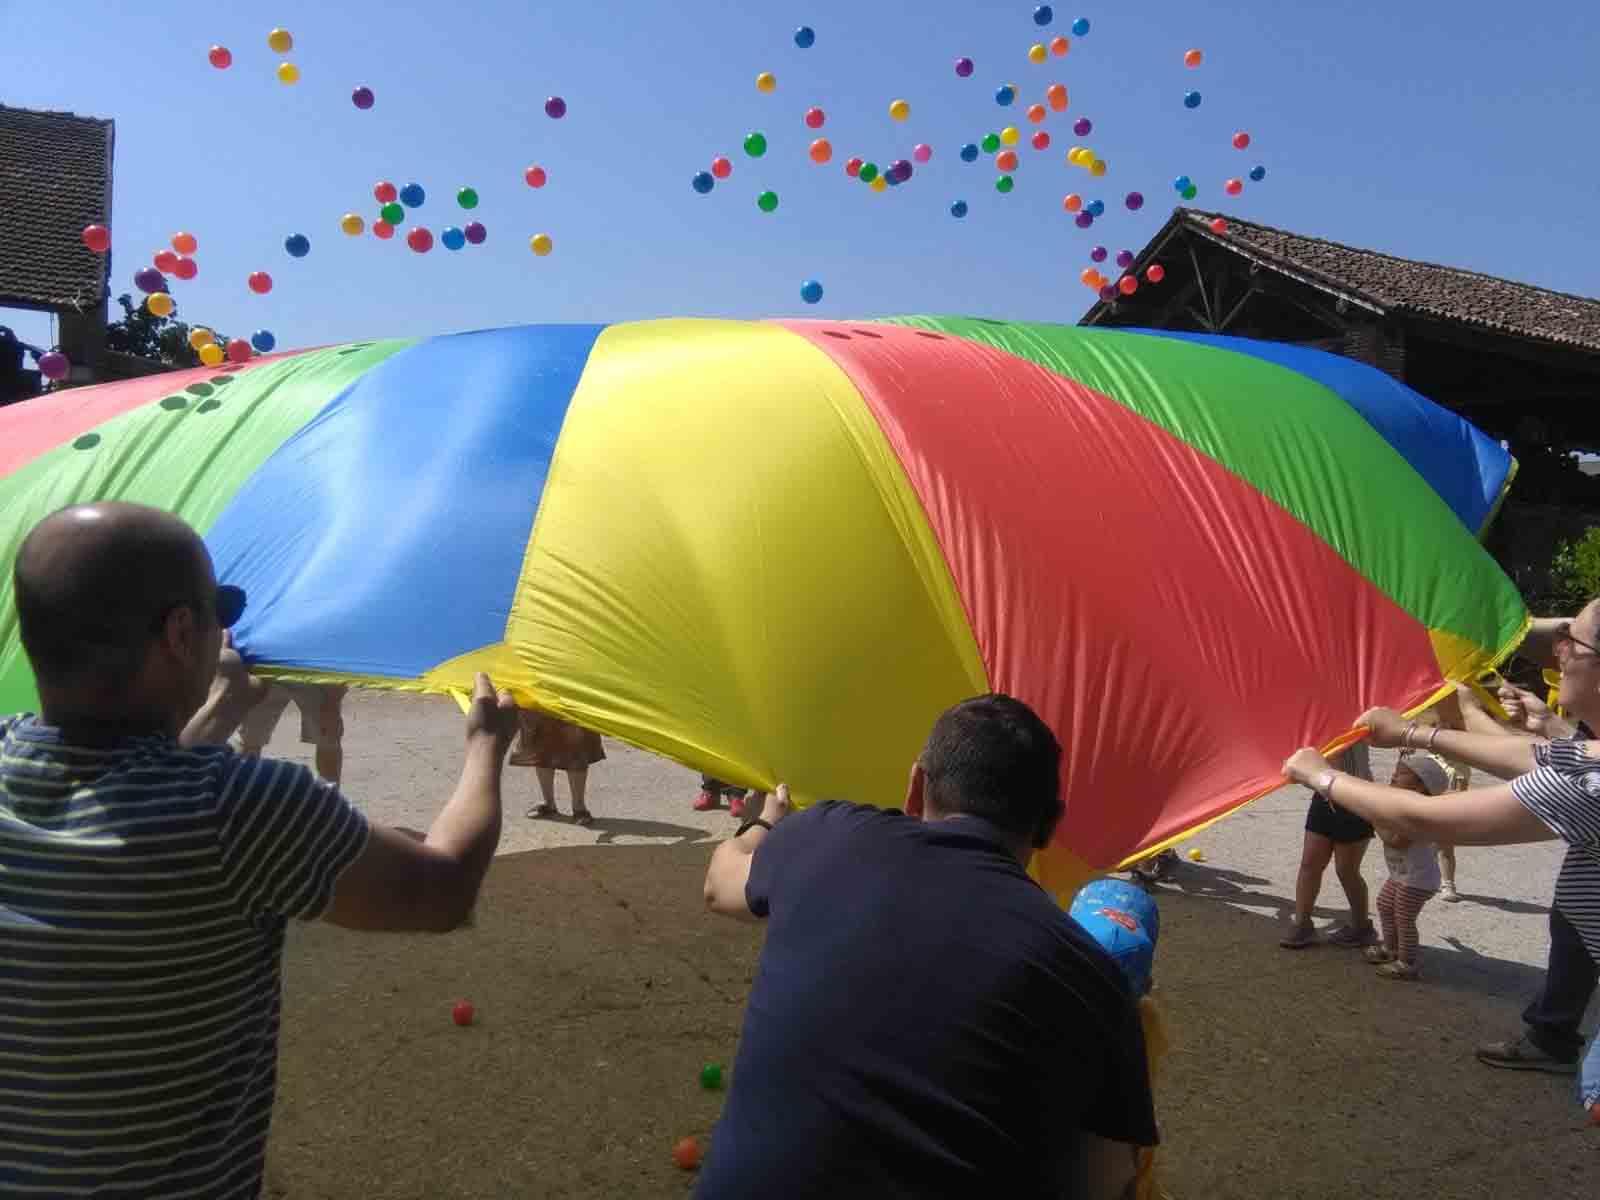 Giochi con paracadute ludico in una festa a Bergamo